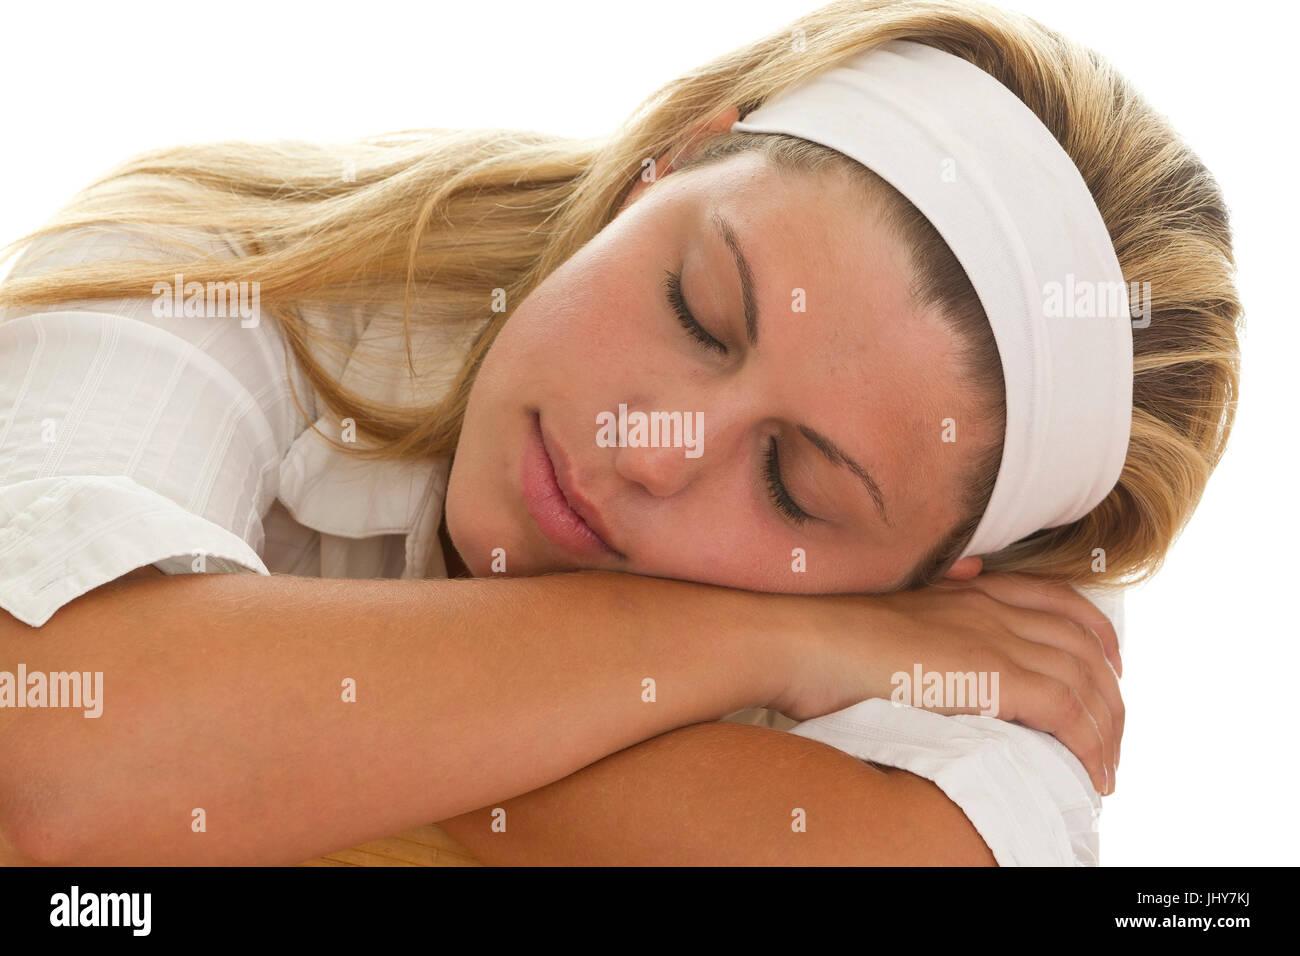 Sleeping young woman - Young woman is sleeping, Schlafende junge Frau - Young woman is sleeping - Stock Image